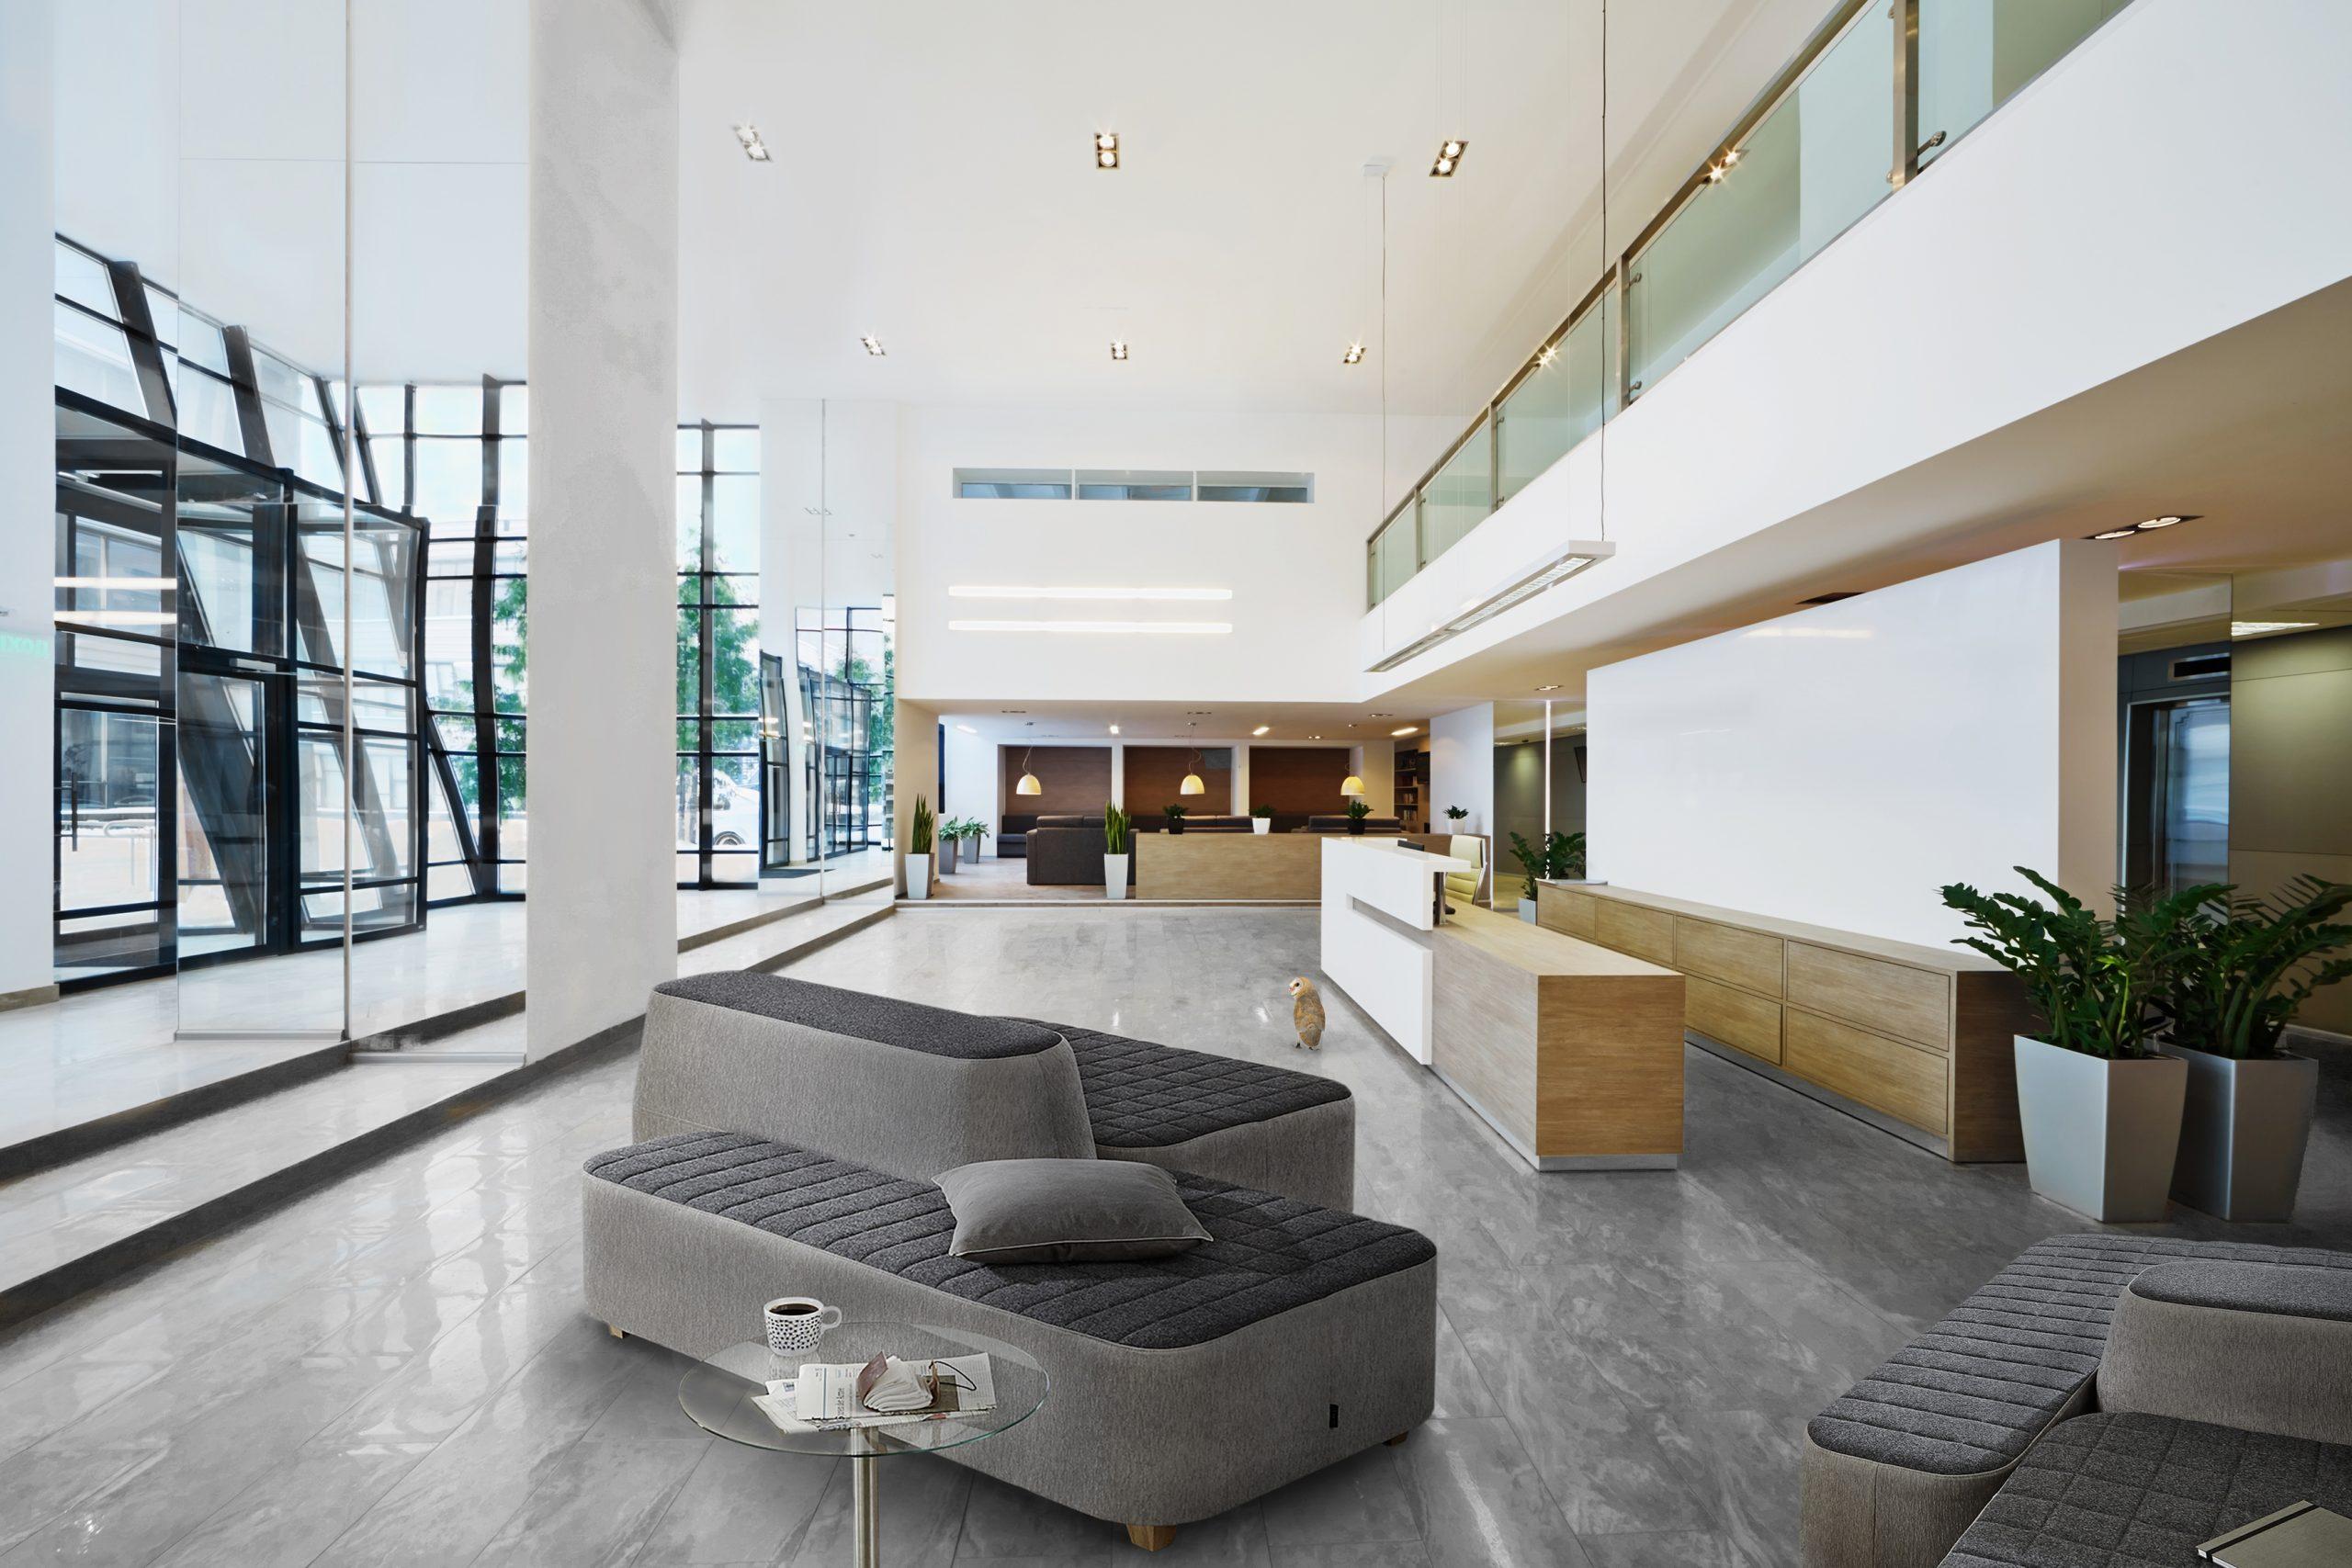 FlexFive von SMV – eine modulare Sitzlandschaft rockt den Objektbereich